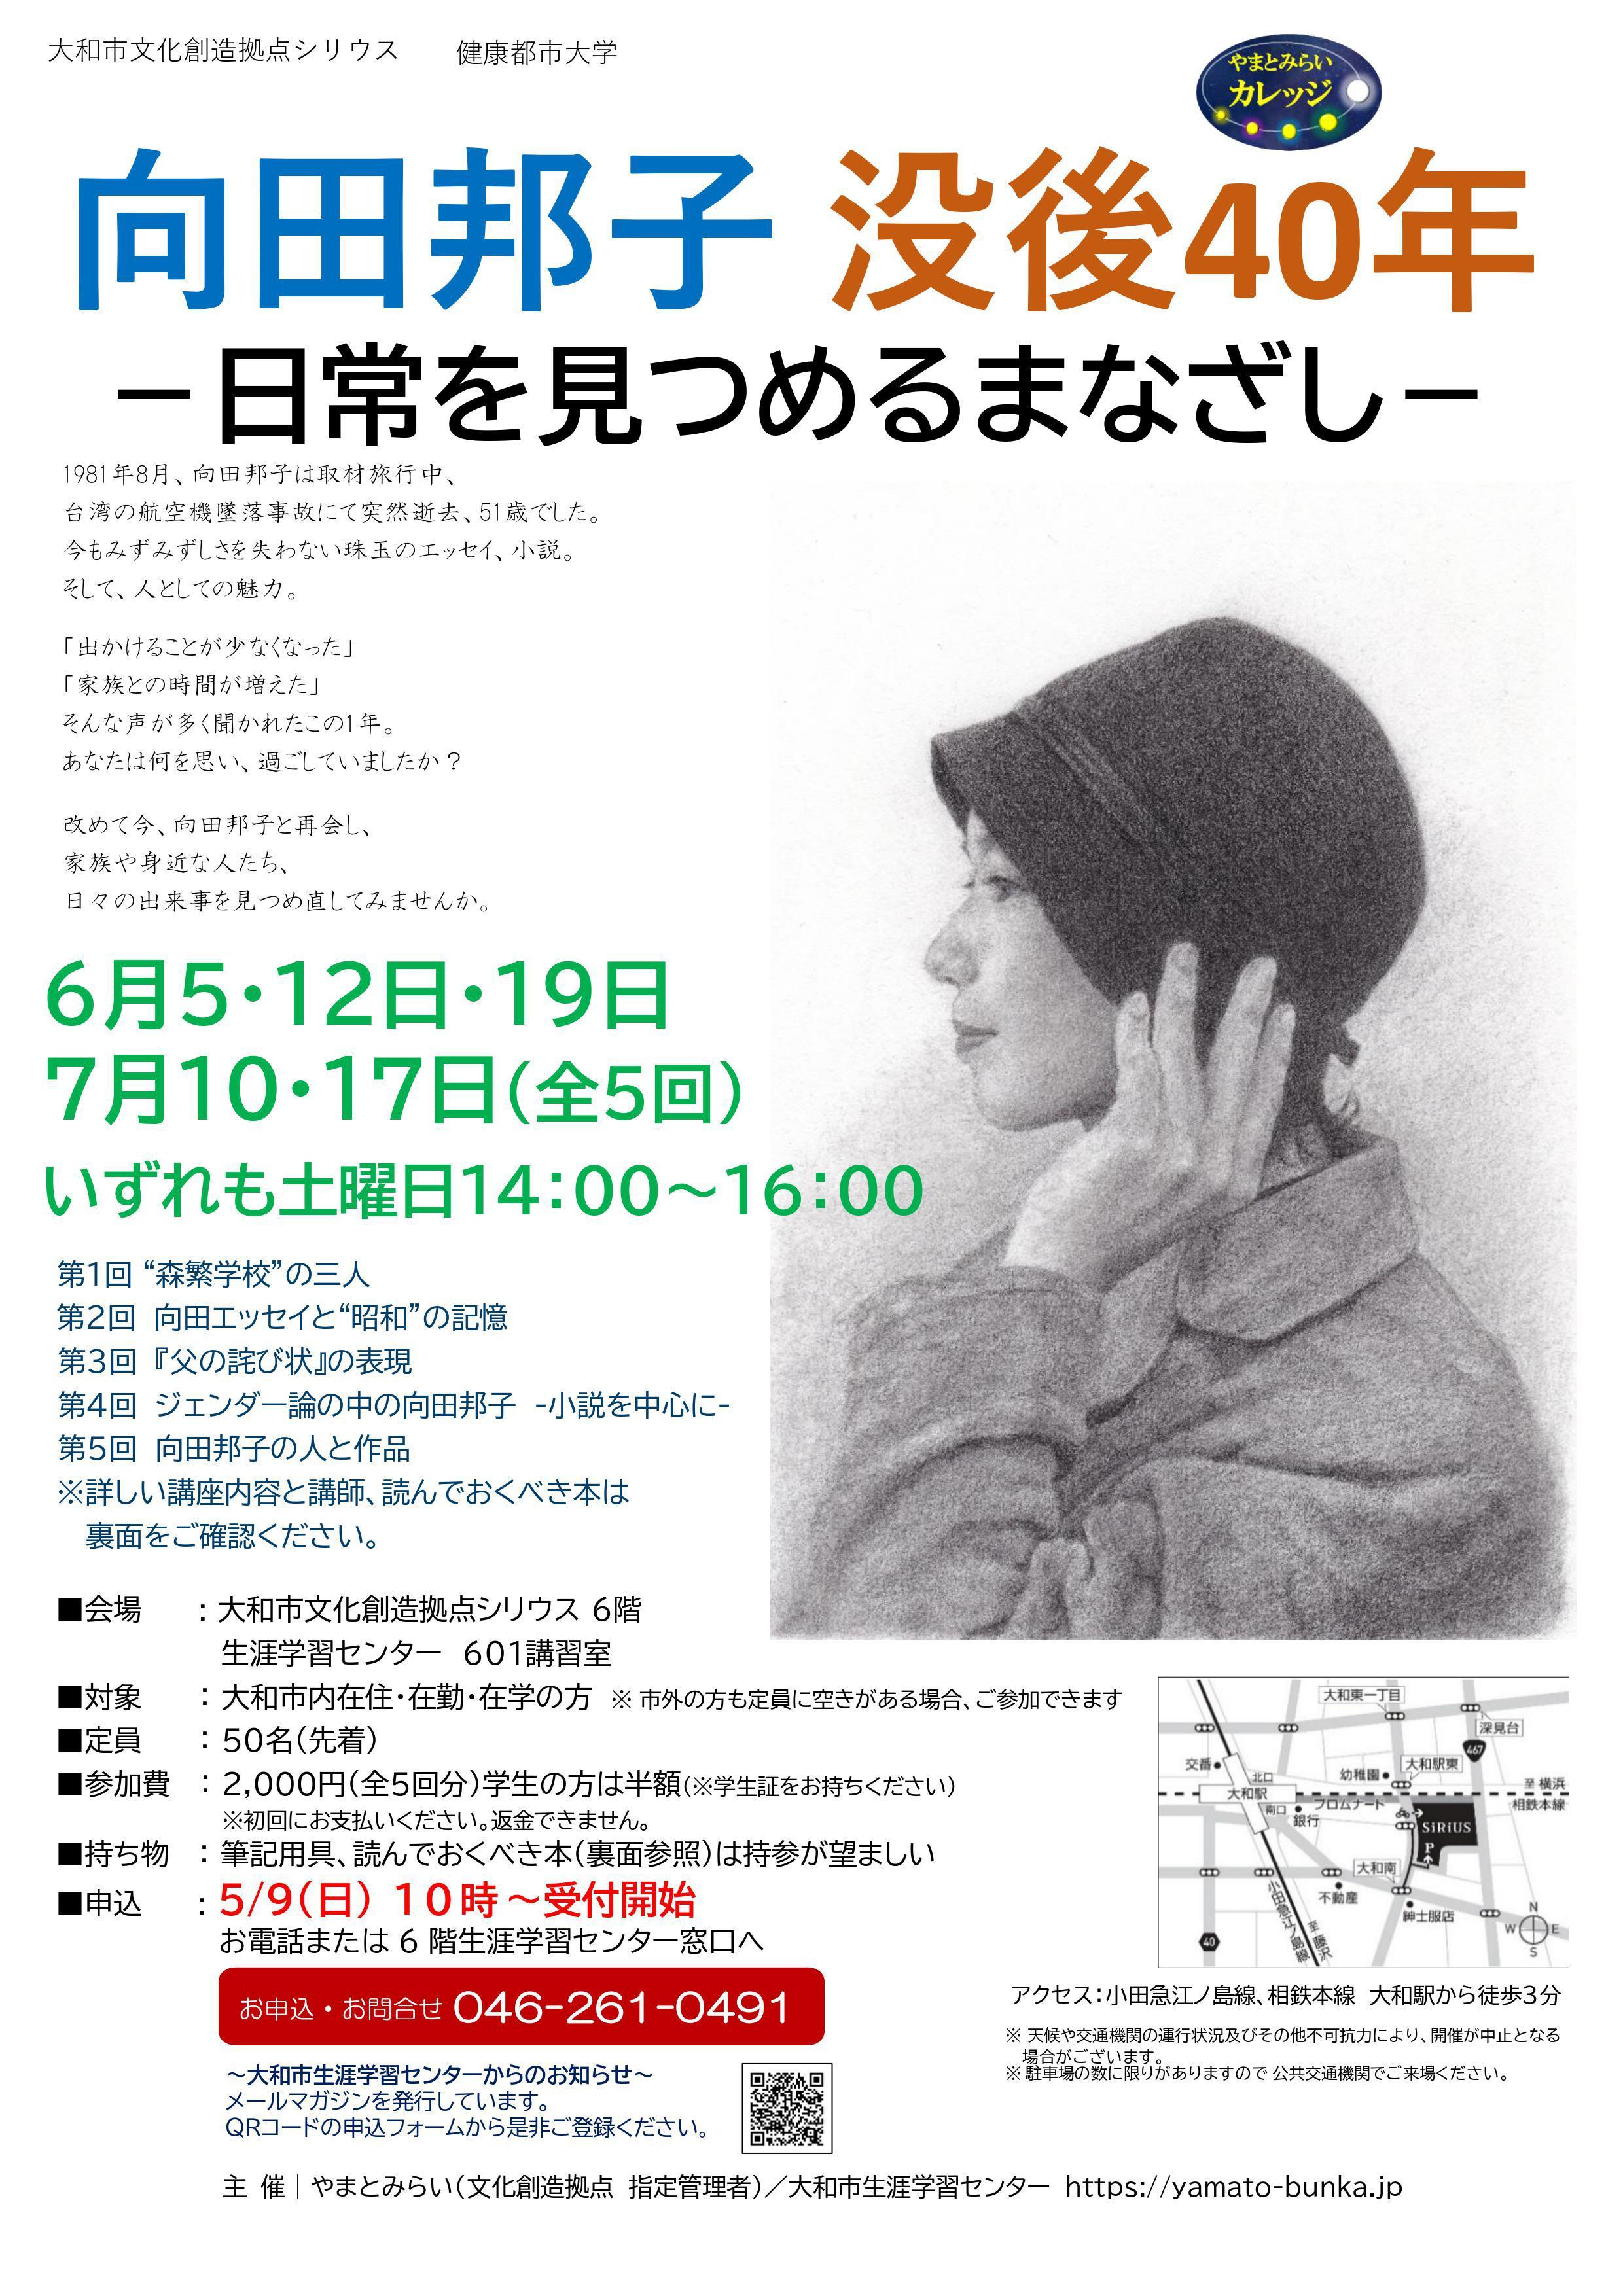 健康都市大学 やまとみらいカレッジ向田邦子 没後40年 -日常を見つめるまなざし-